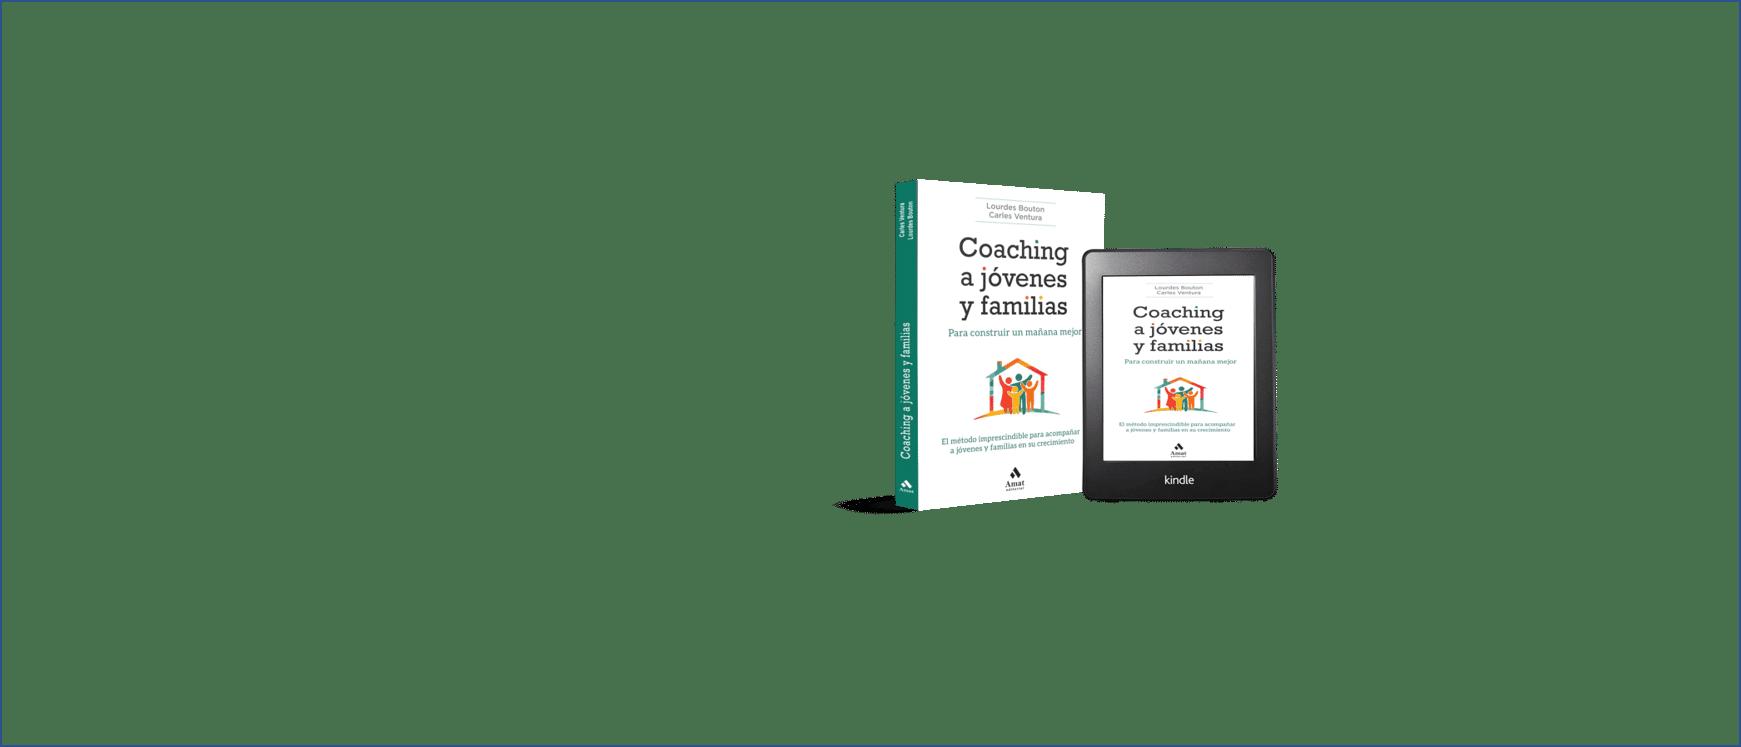 Maqueta libro coaching